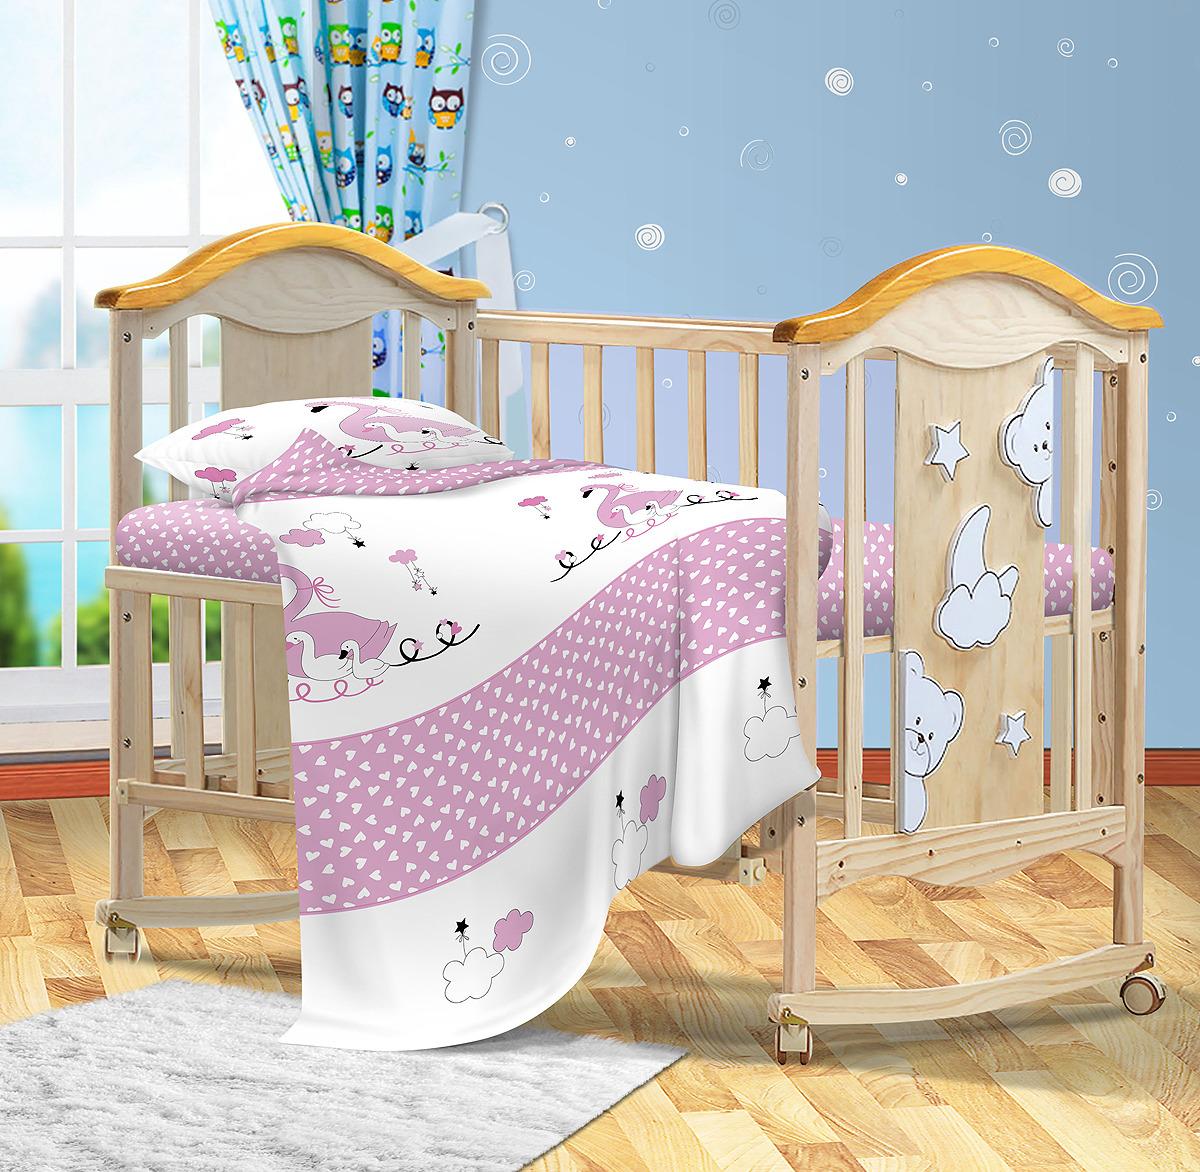 Комплект постельного белья детский Bonne Fee ОПДР-110х140/1, розовый комплект постельного белья детский bonne fee опдр 110х140 3 розовый